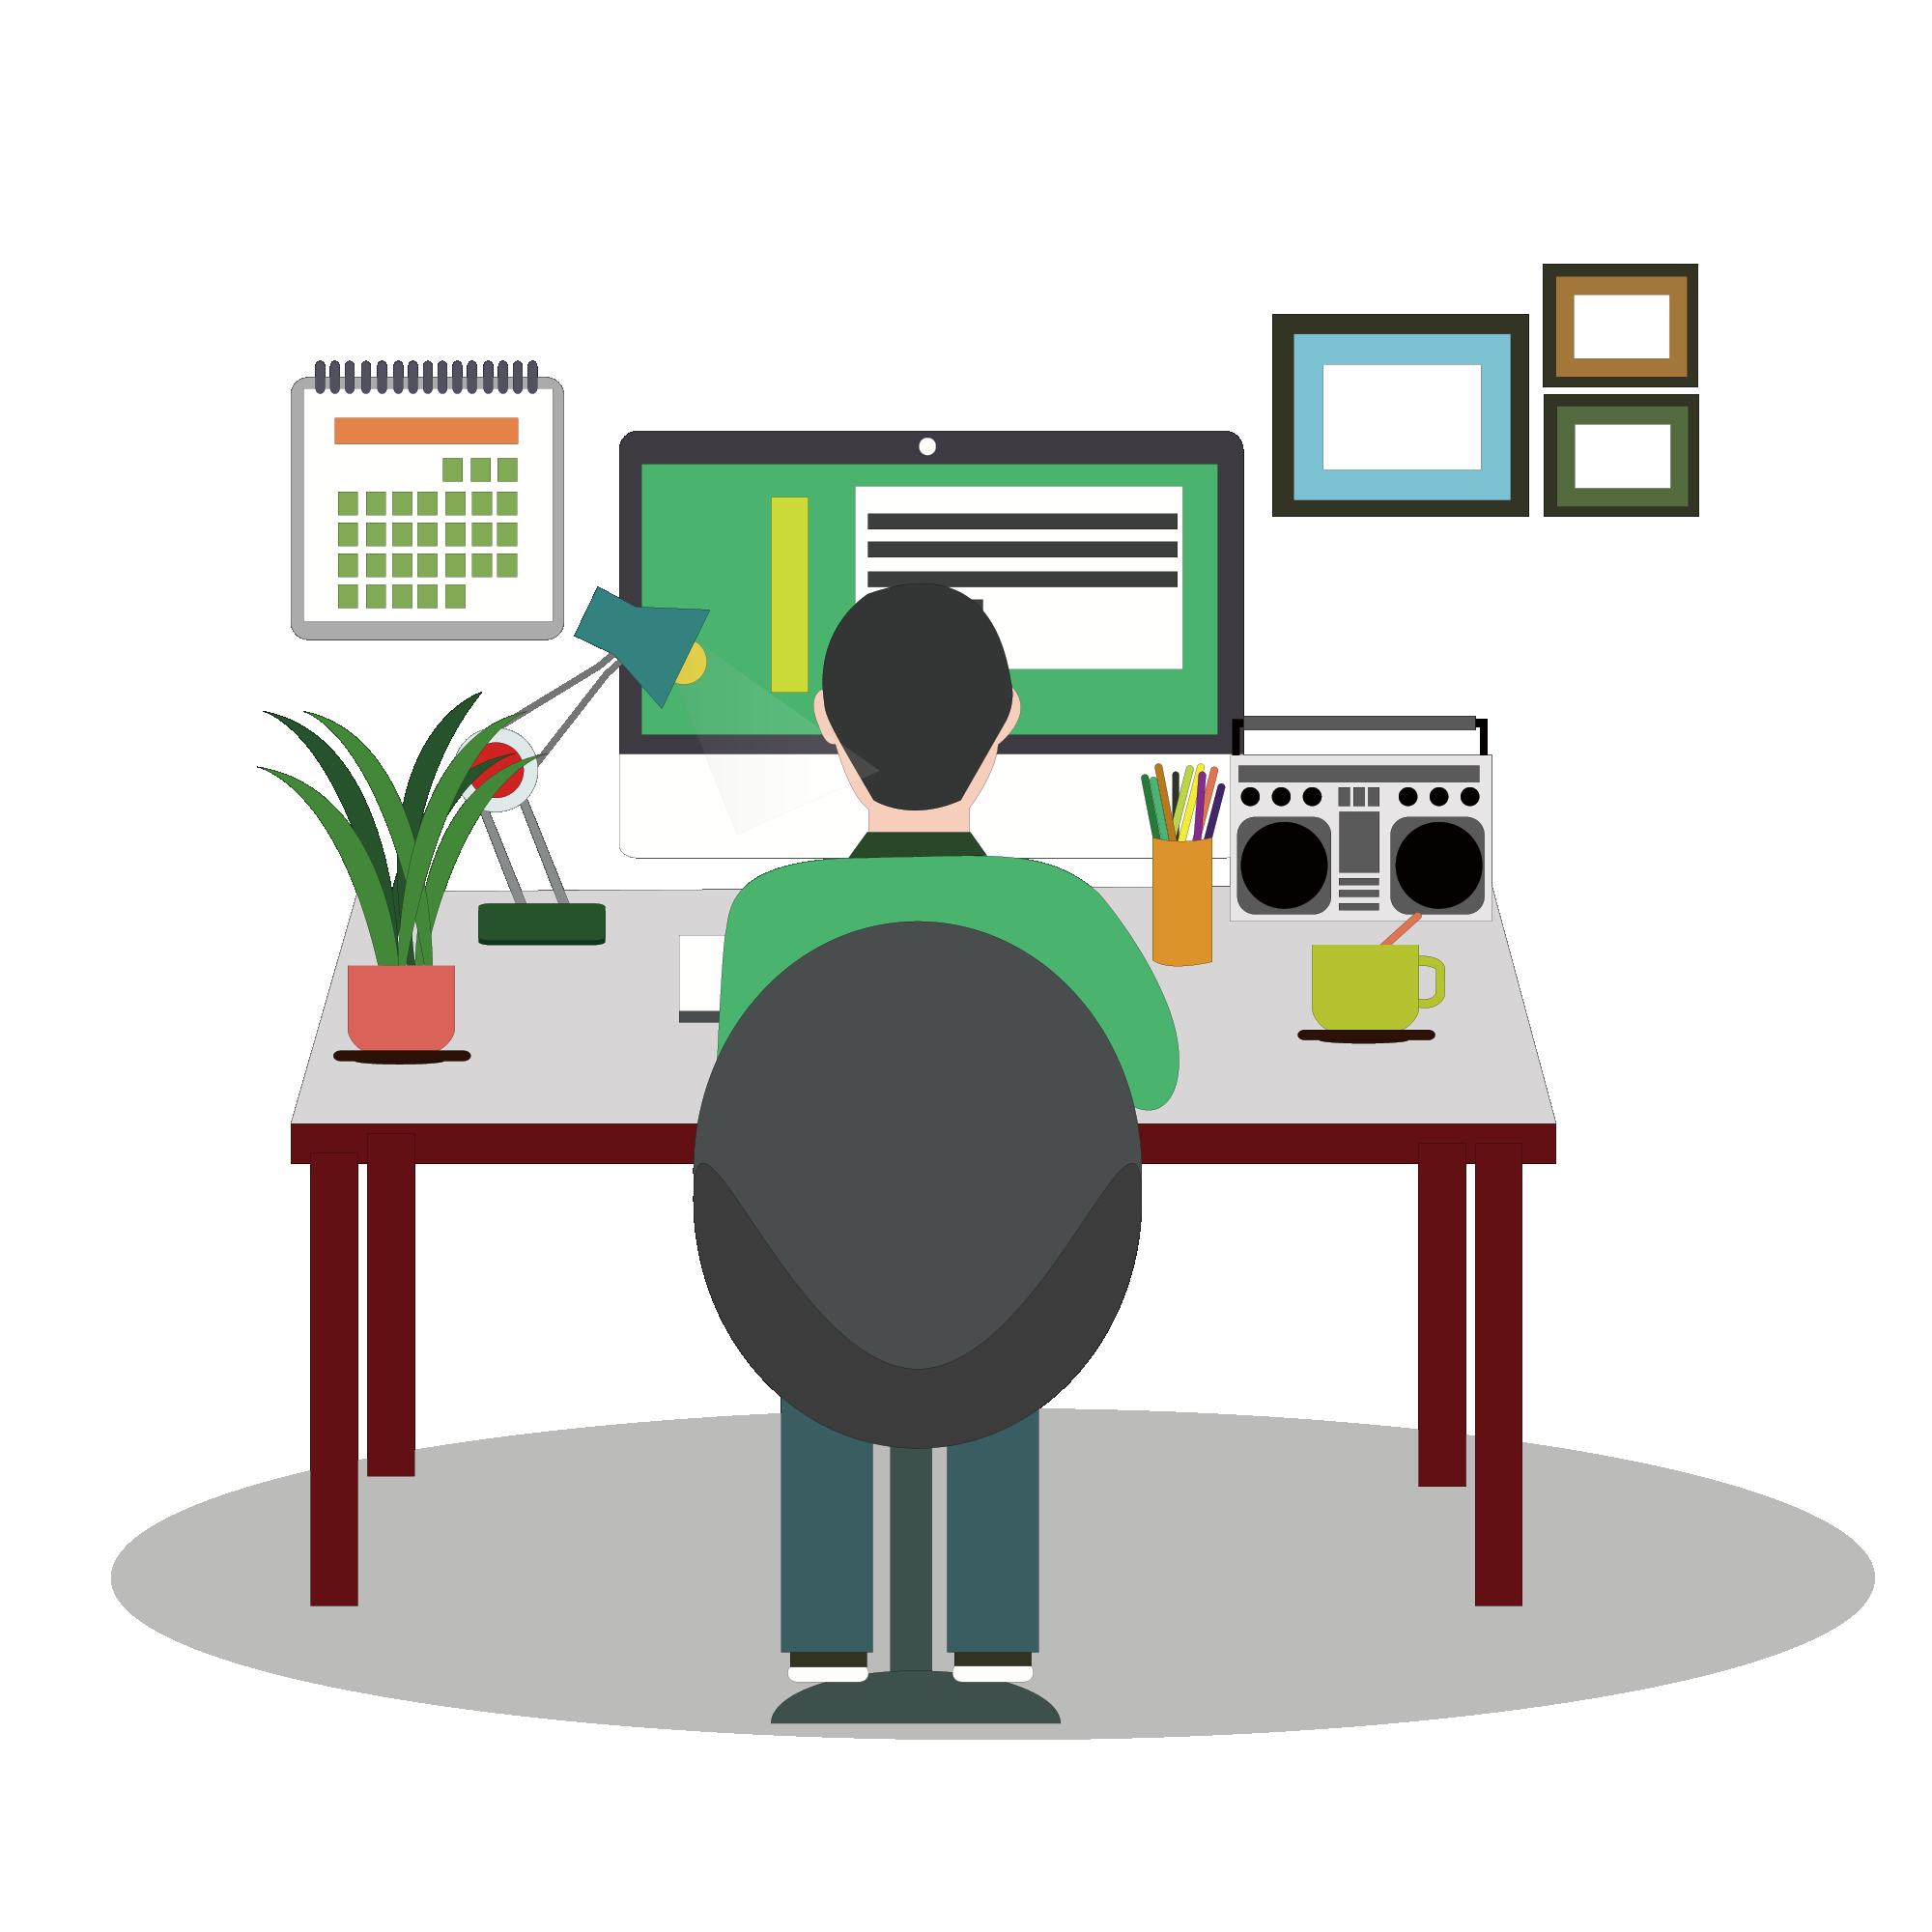 Услуги СЕО.БГ  СЕО оптимизация, реклама, изграждане на сайтове, маркетинг, изработка на сайтове, уеб дизайн, SEO, онлайн магазини и други